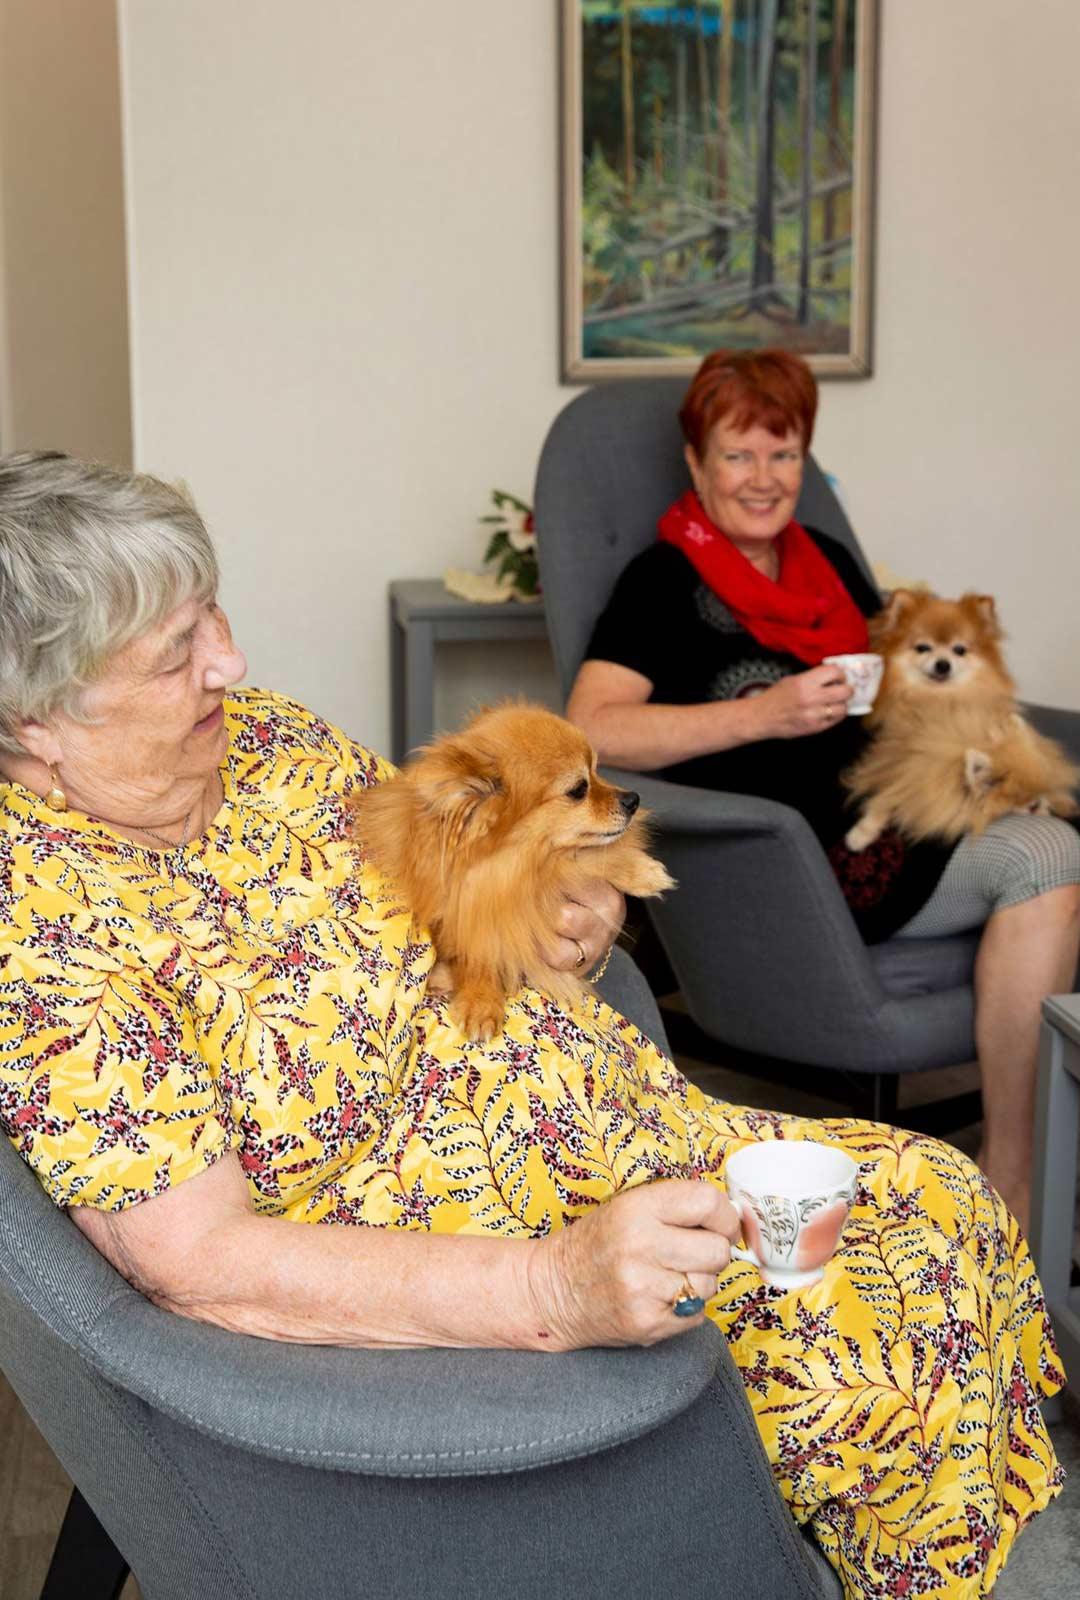 Sinikka Rouhiaisen kanssa päiväkahvilla tytär Kirsi Saura ja koirat Jade ja Bess.